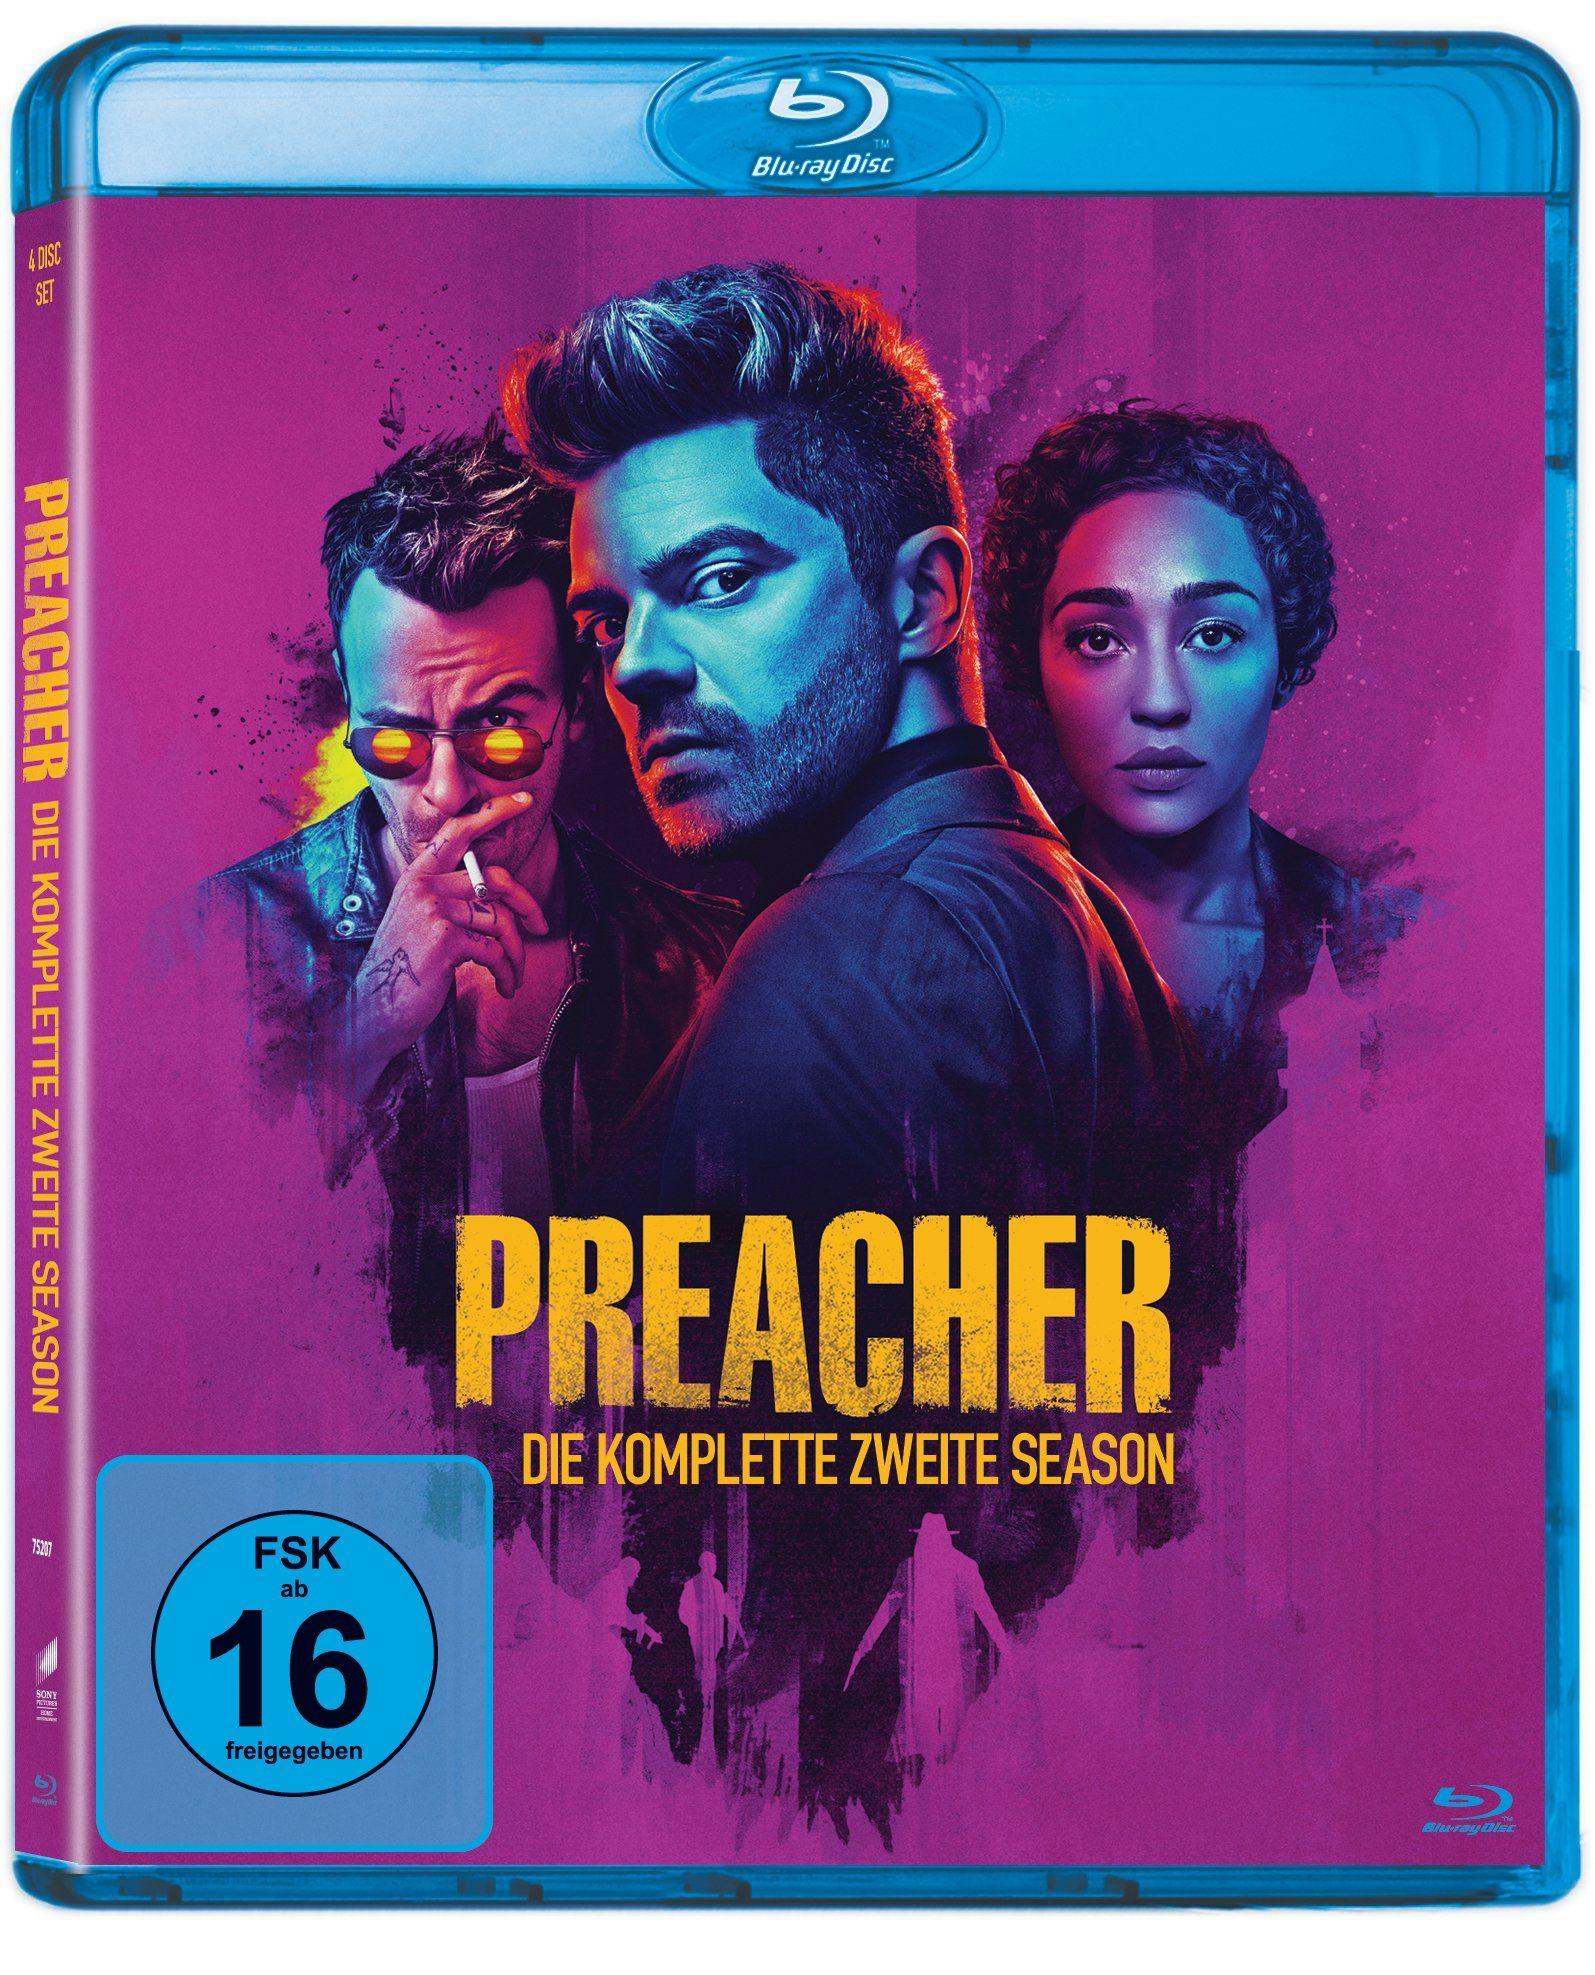 Sony Pictures Blu-ray »Preacher - Die komplette zweite Season«